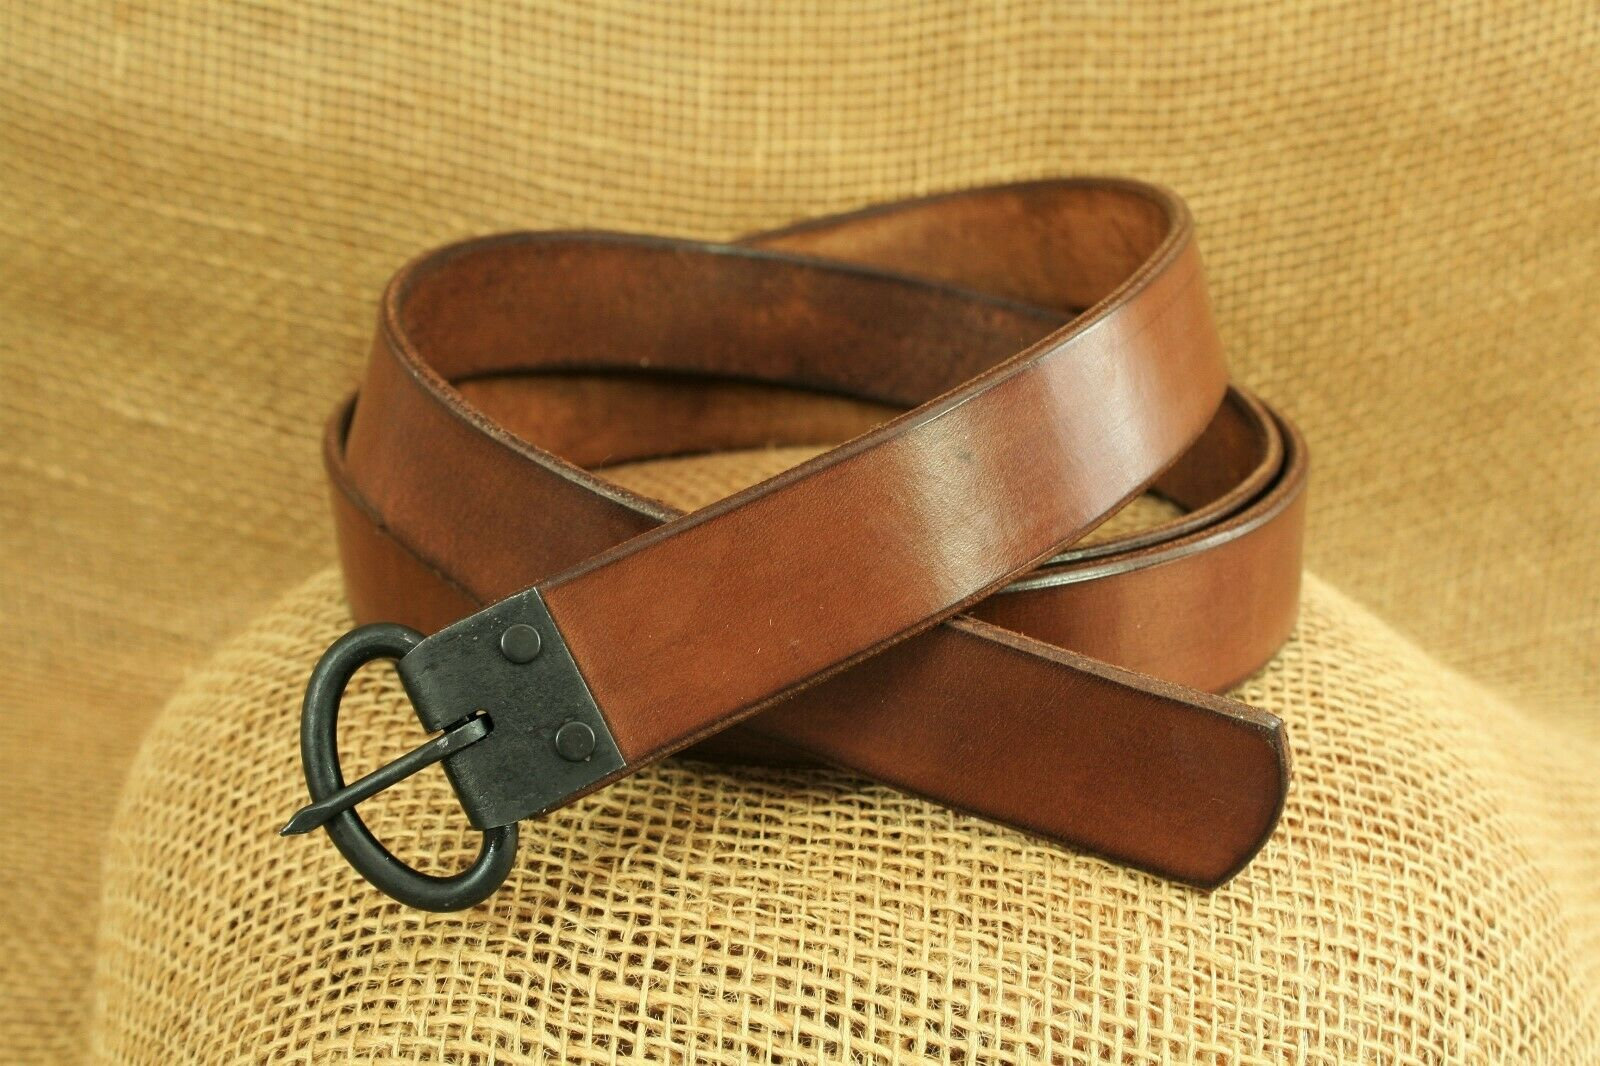 Cinturón De Cuero Marrón forjado hebilla medieval 165cm Viking 3cm Ancho